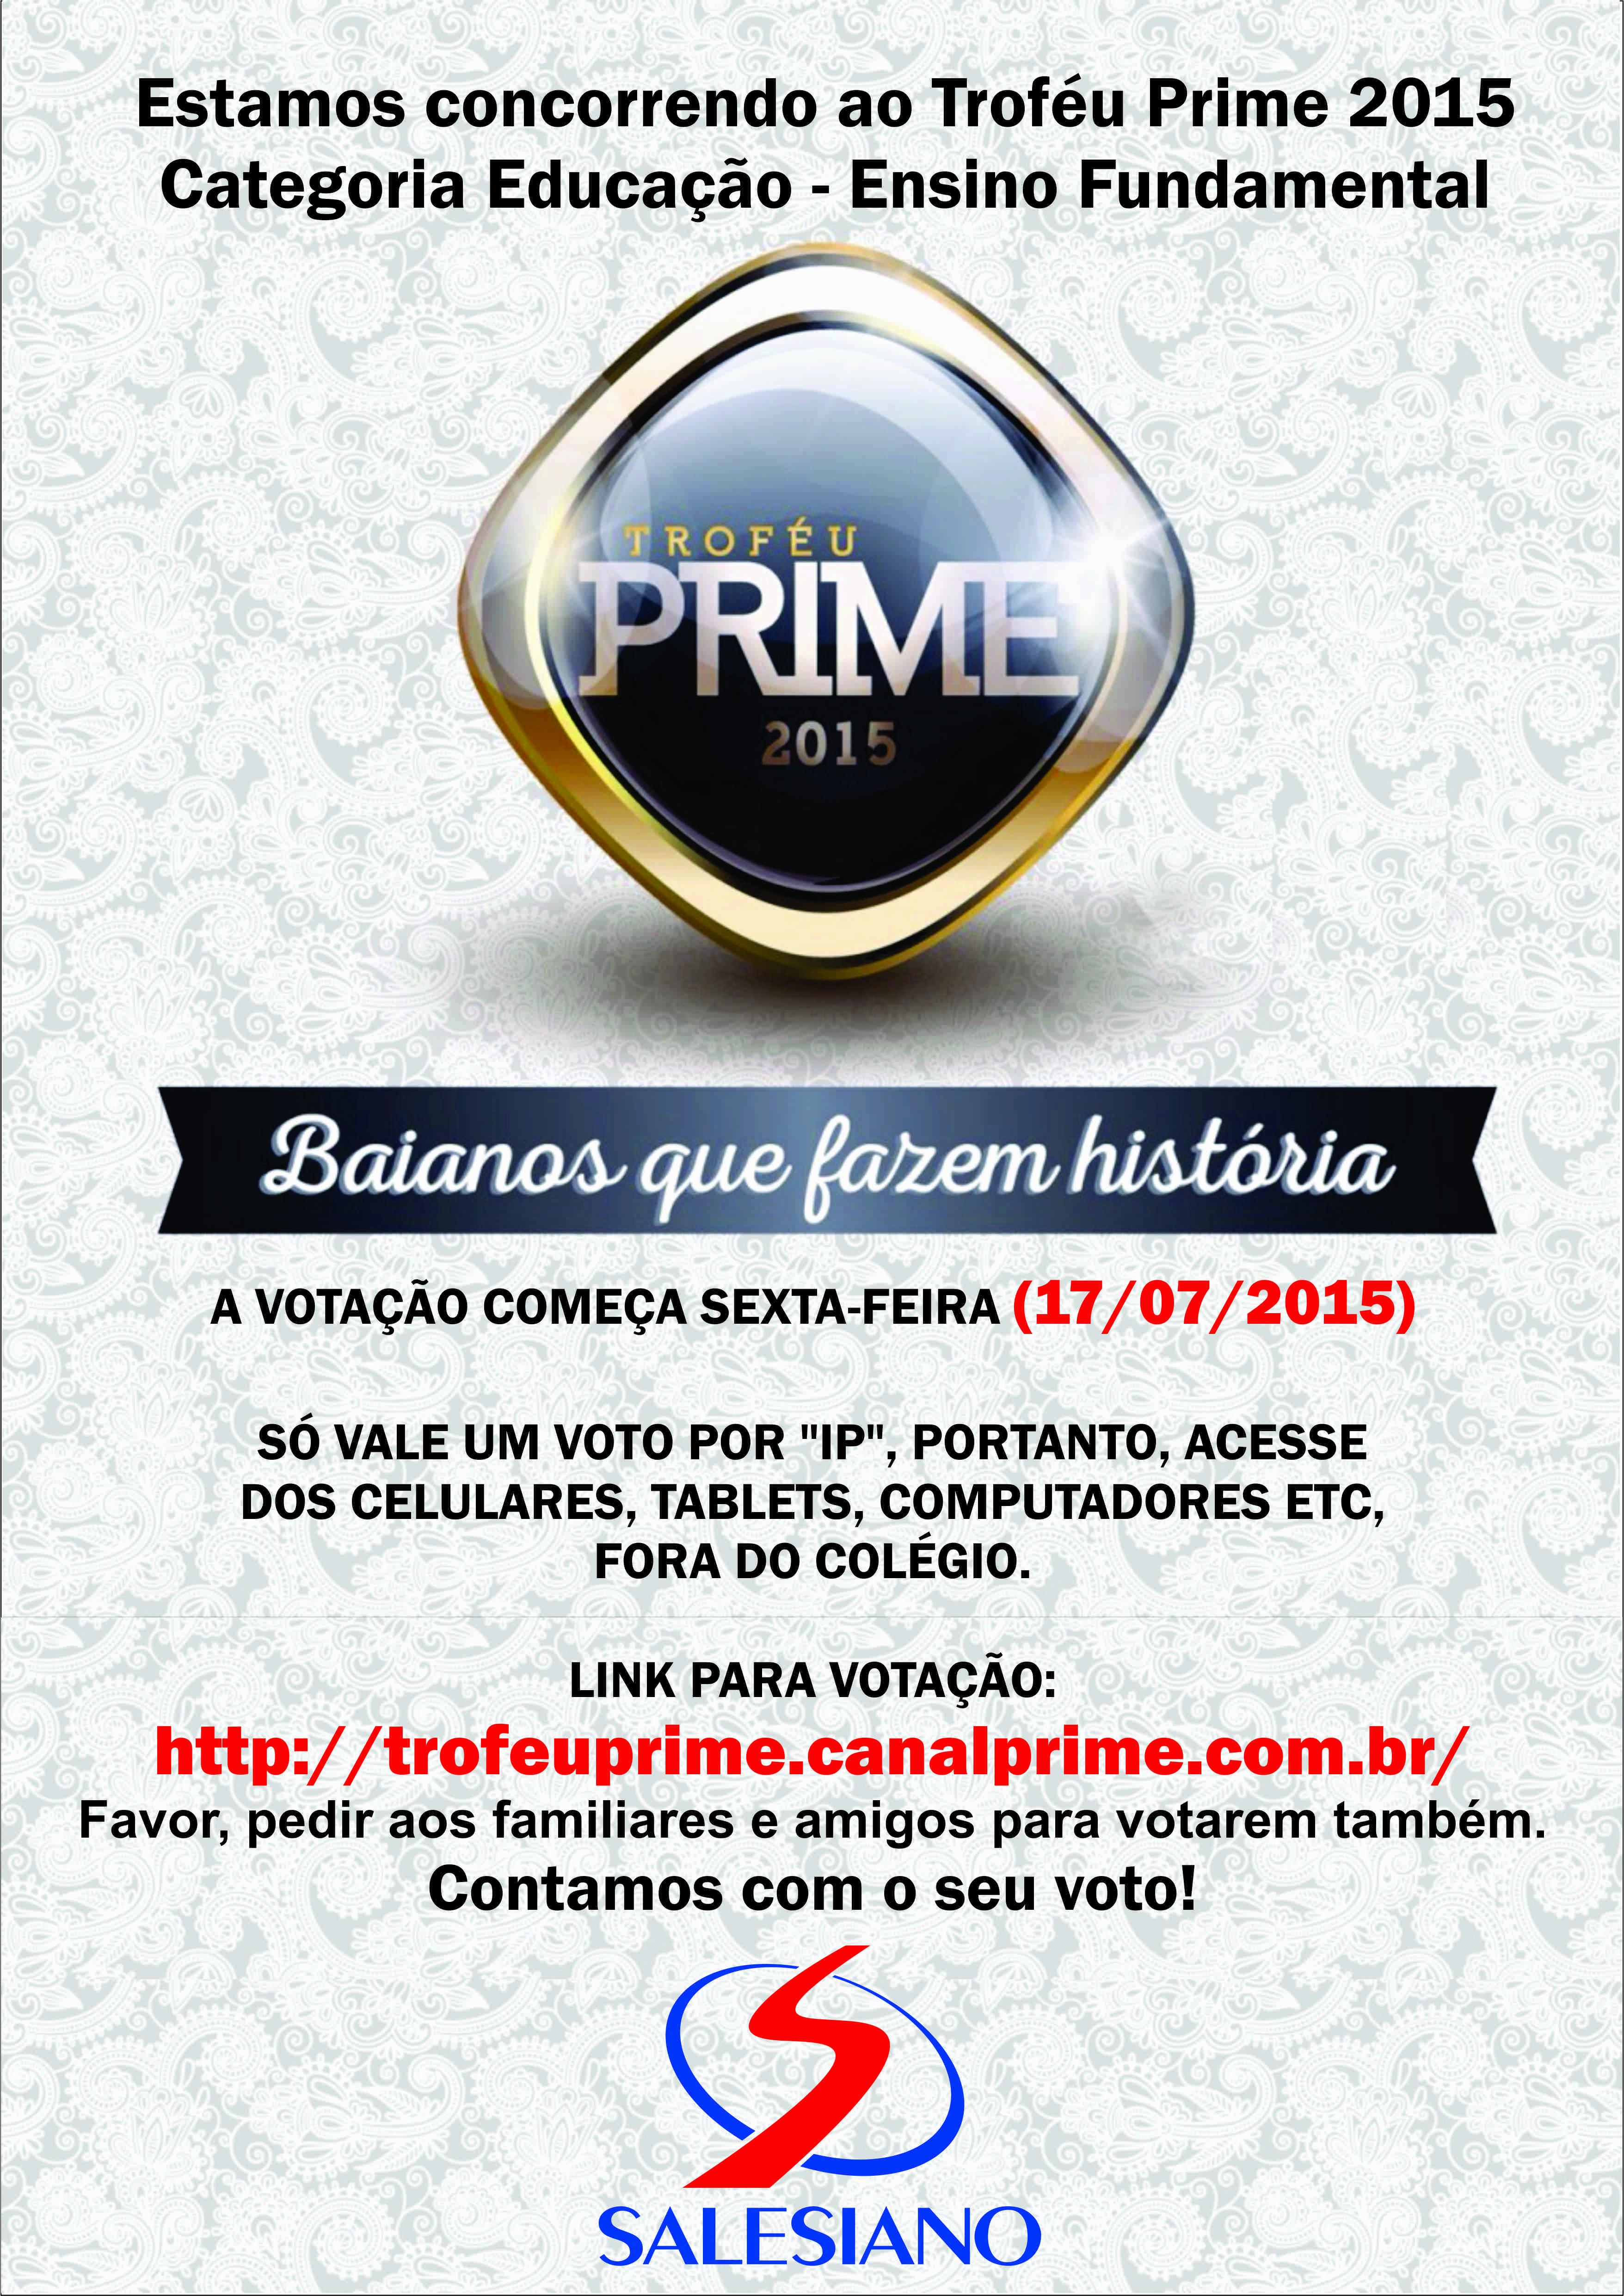 Trofeu_prime_aviso2